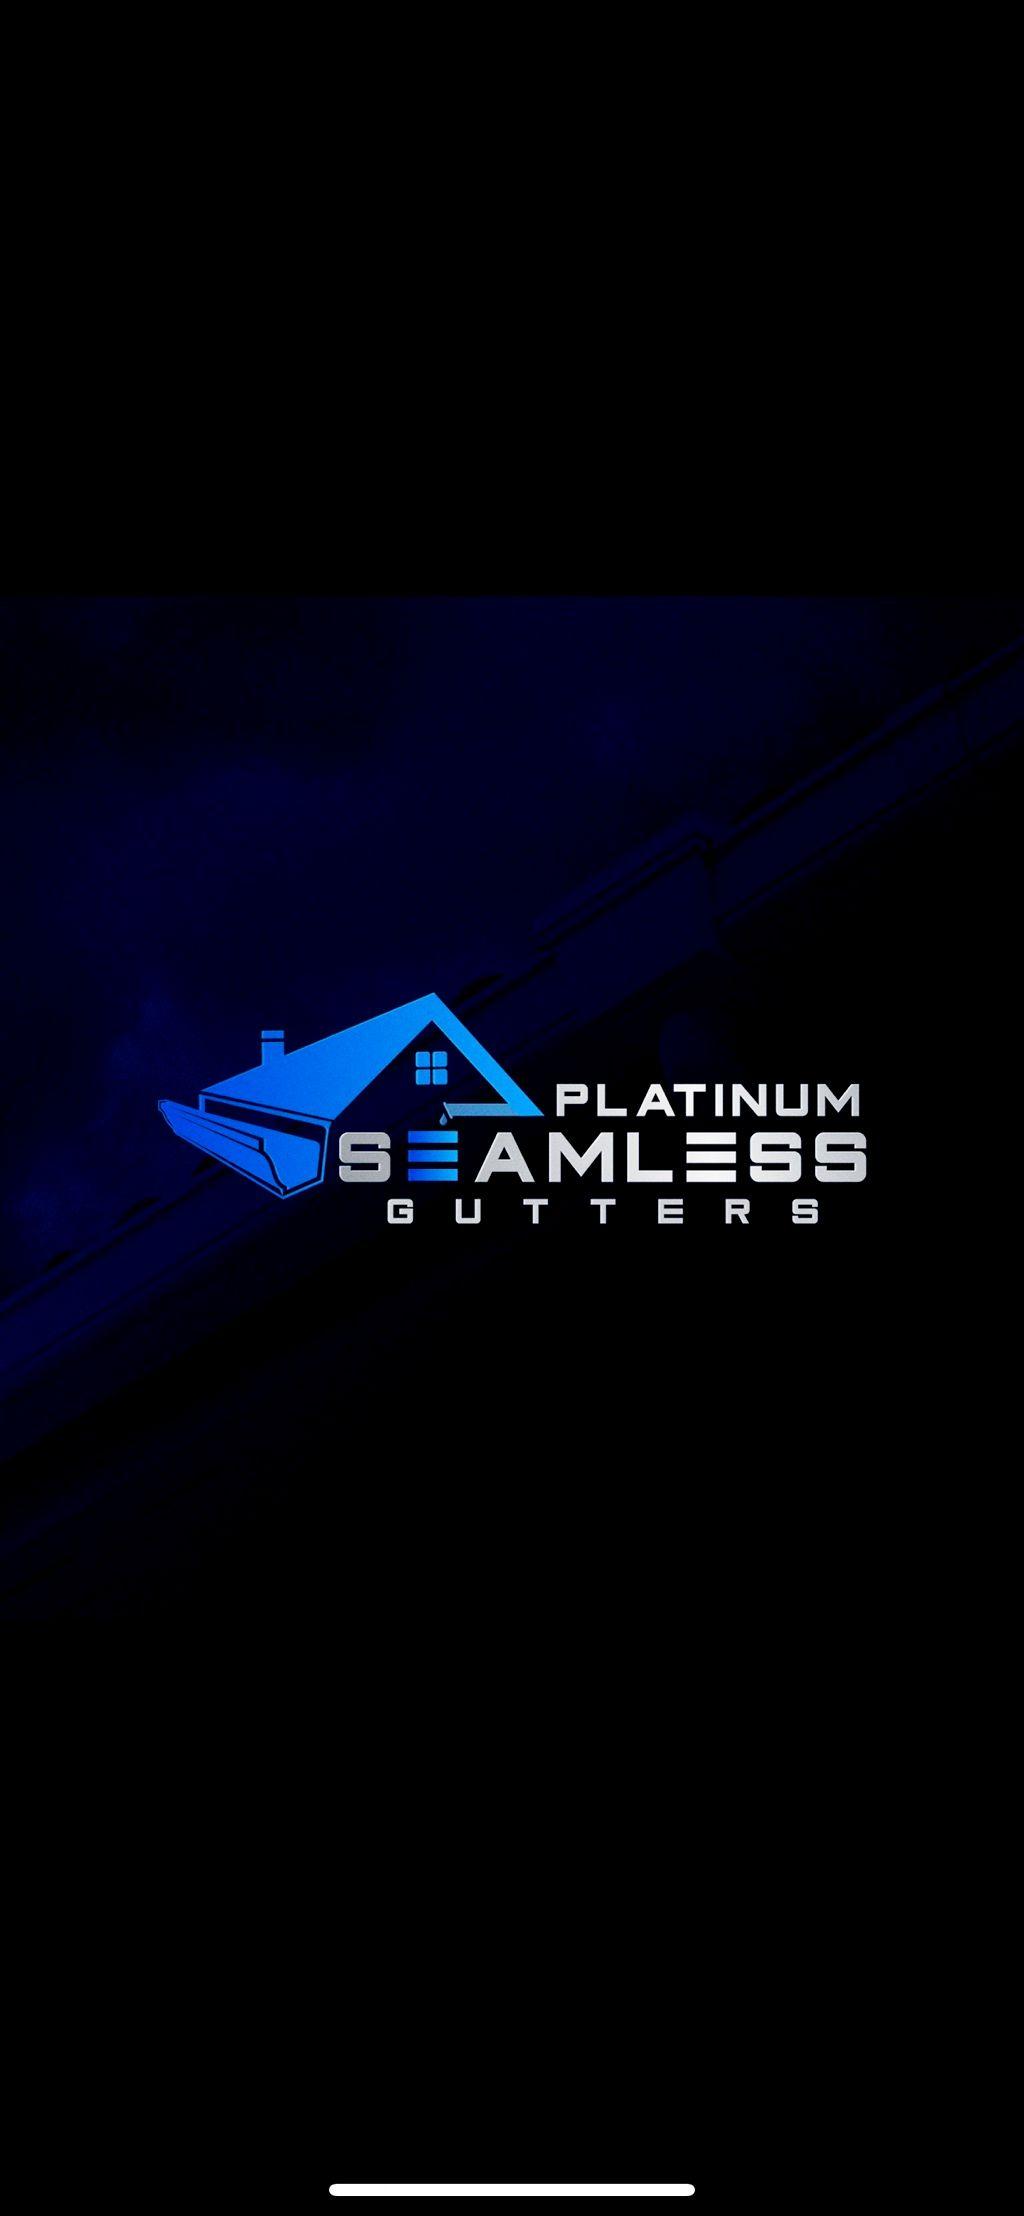 Platinum Seamless Gutters